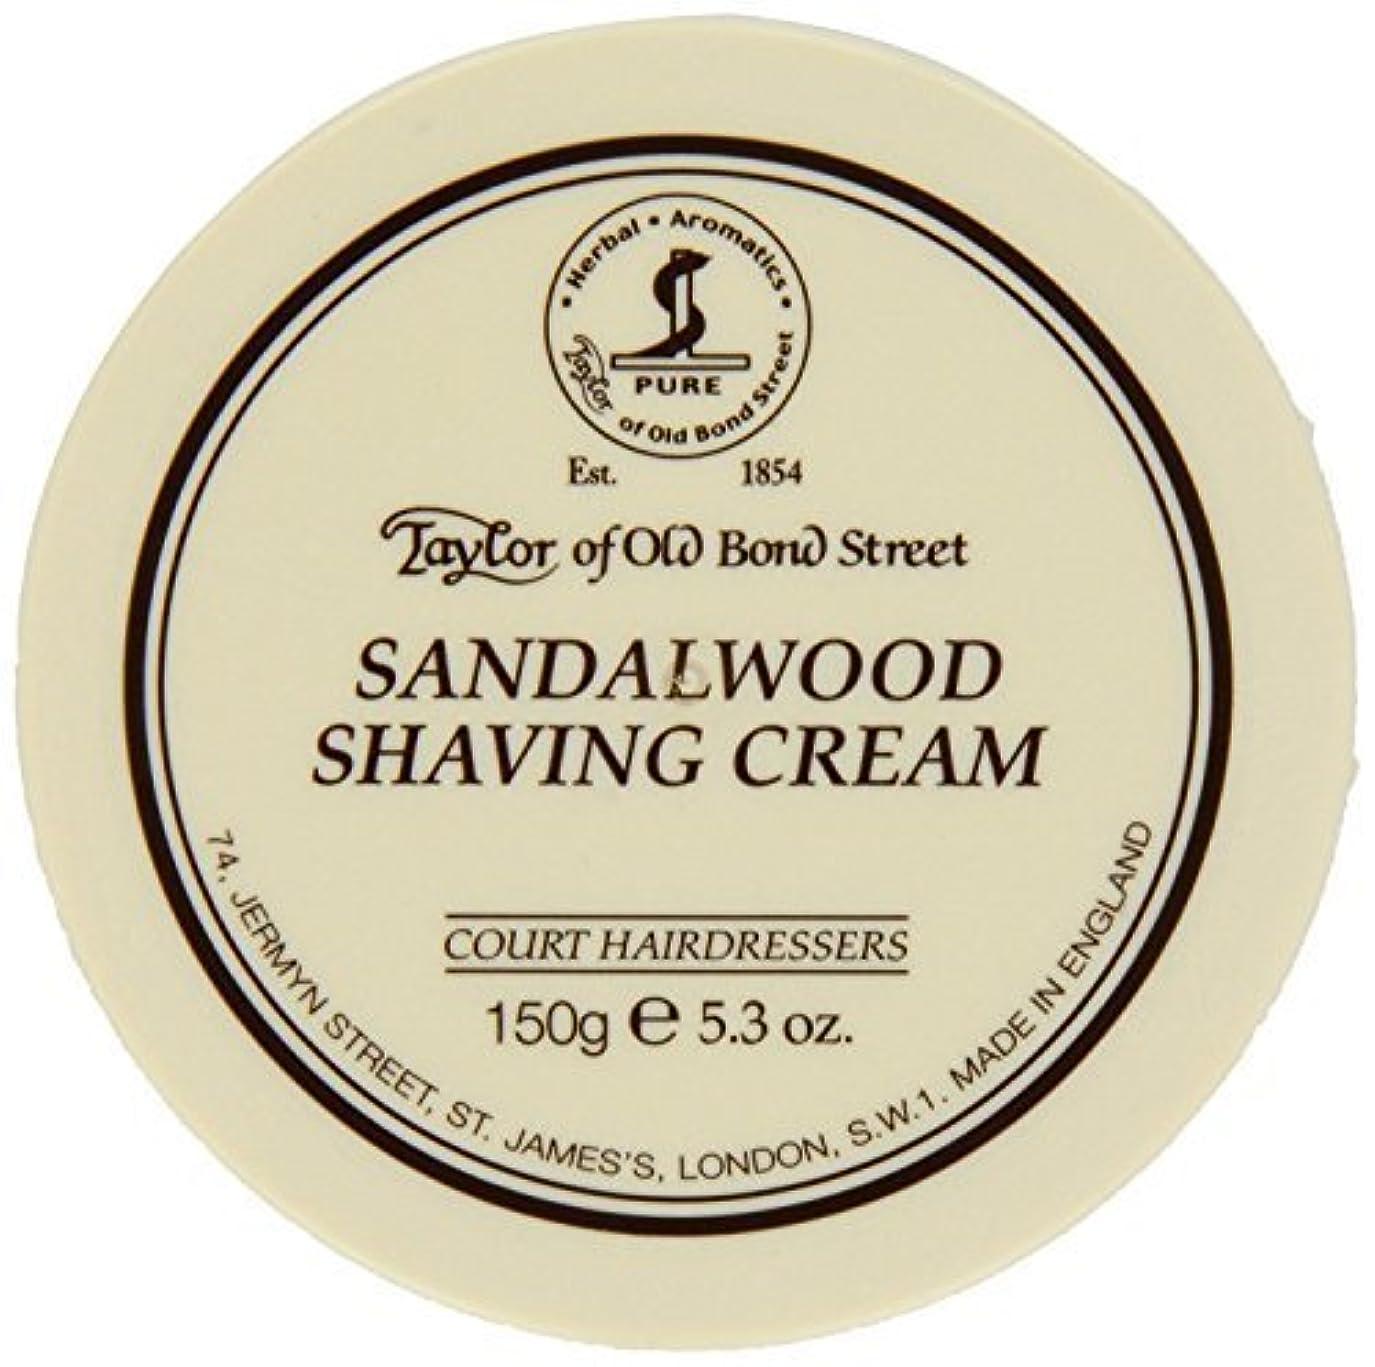 脚シソーラス火Taylor of Old Bond Street SHAVING CREAM for SANDALWOOD 150g x 2 Bowls by Taylor of Old Bond Street [並行輸入品]